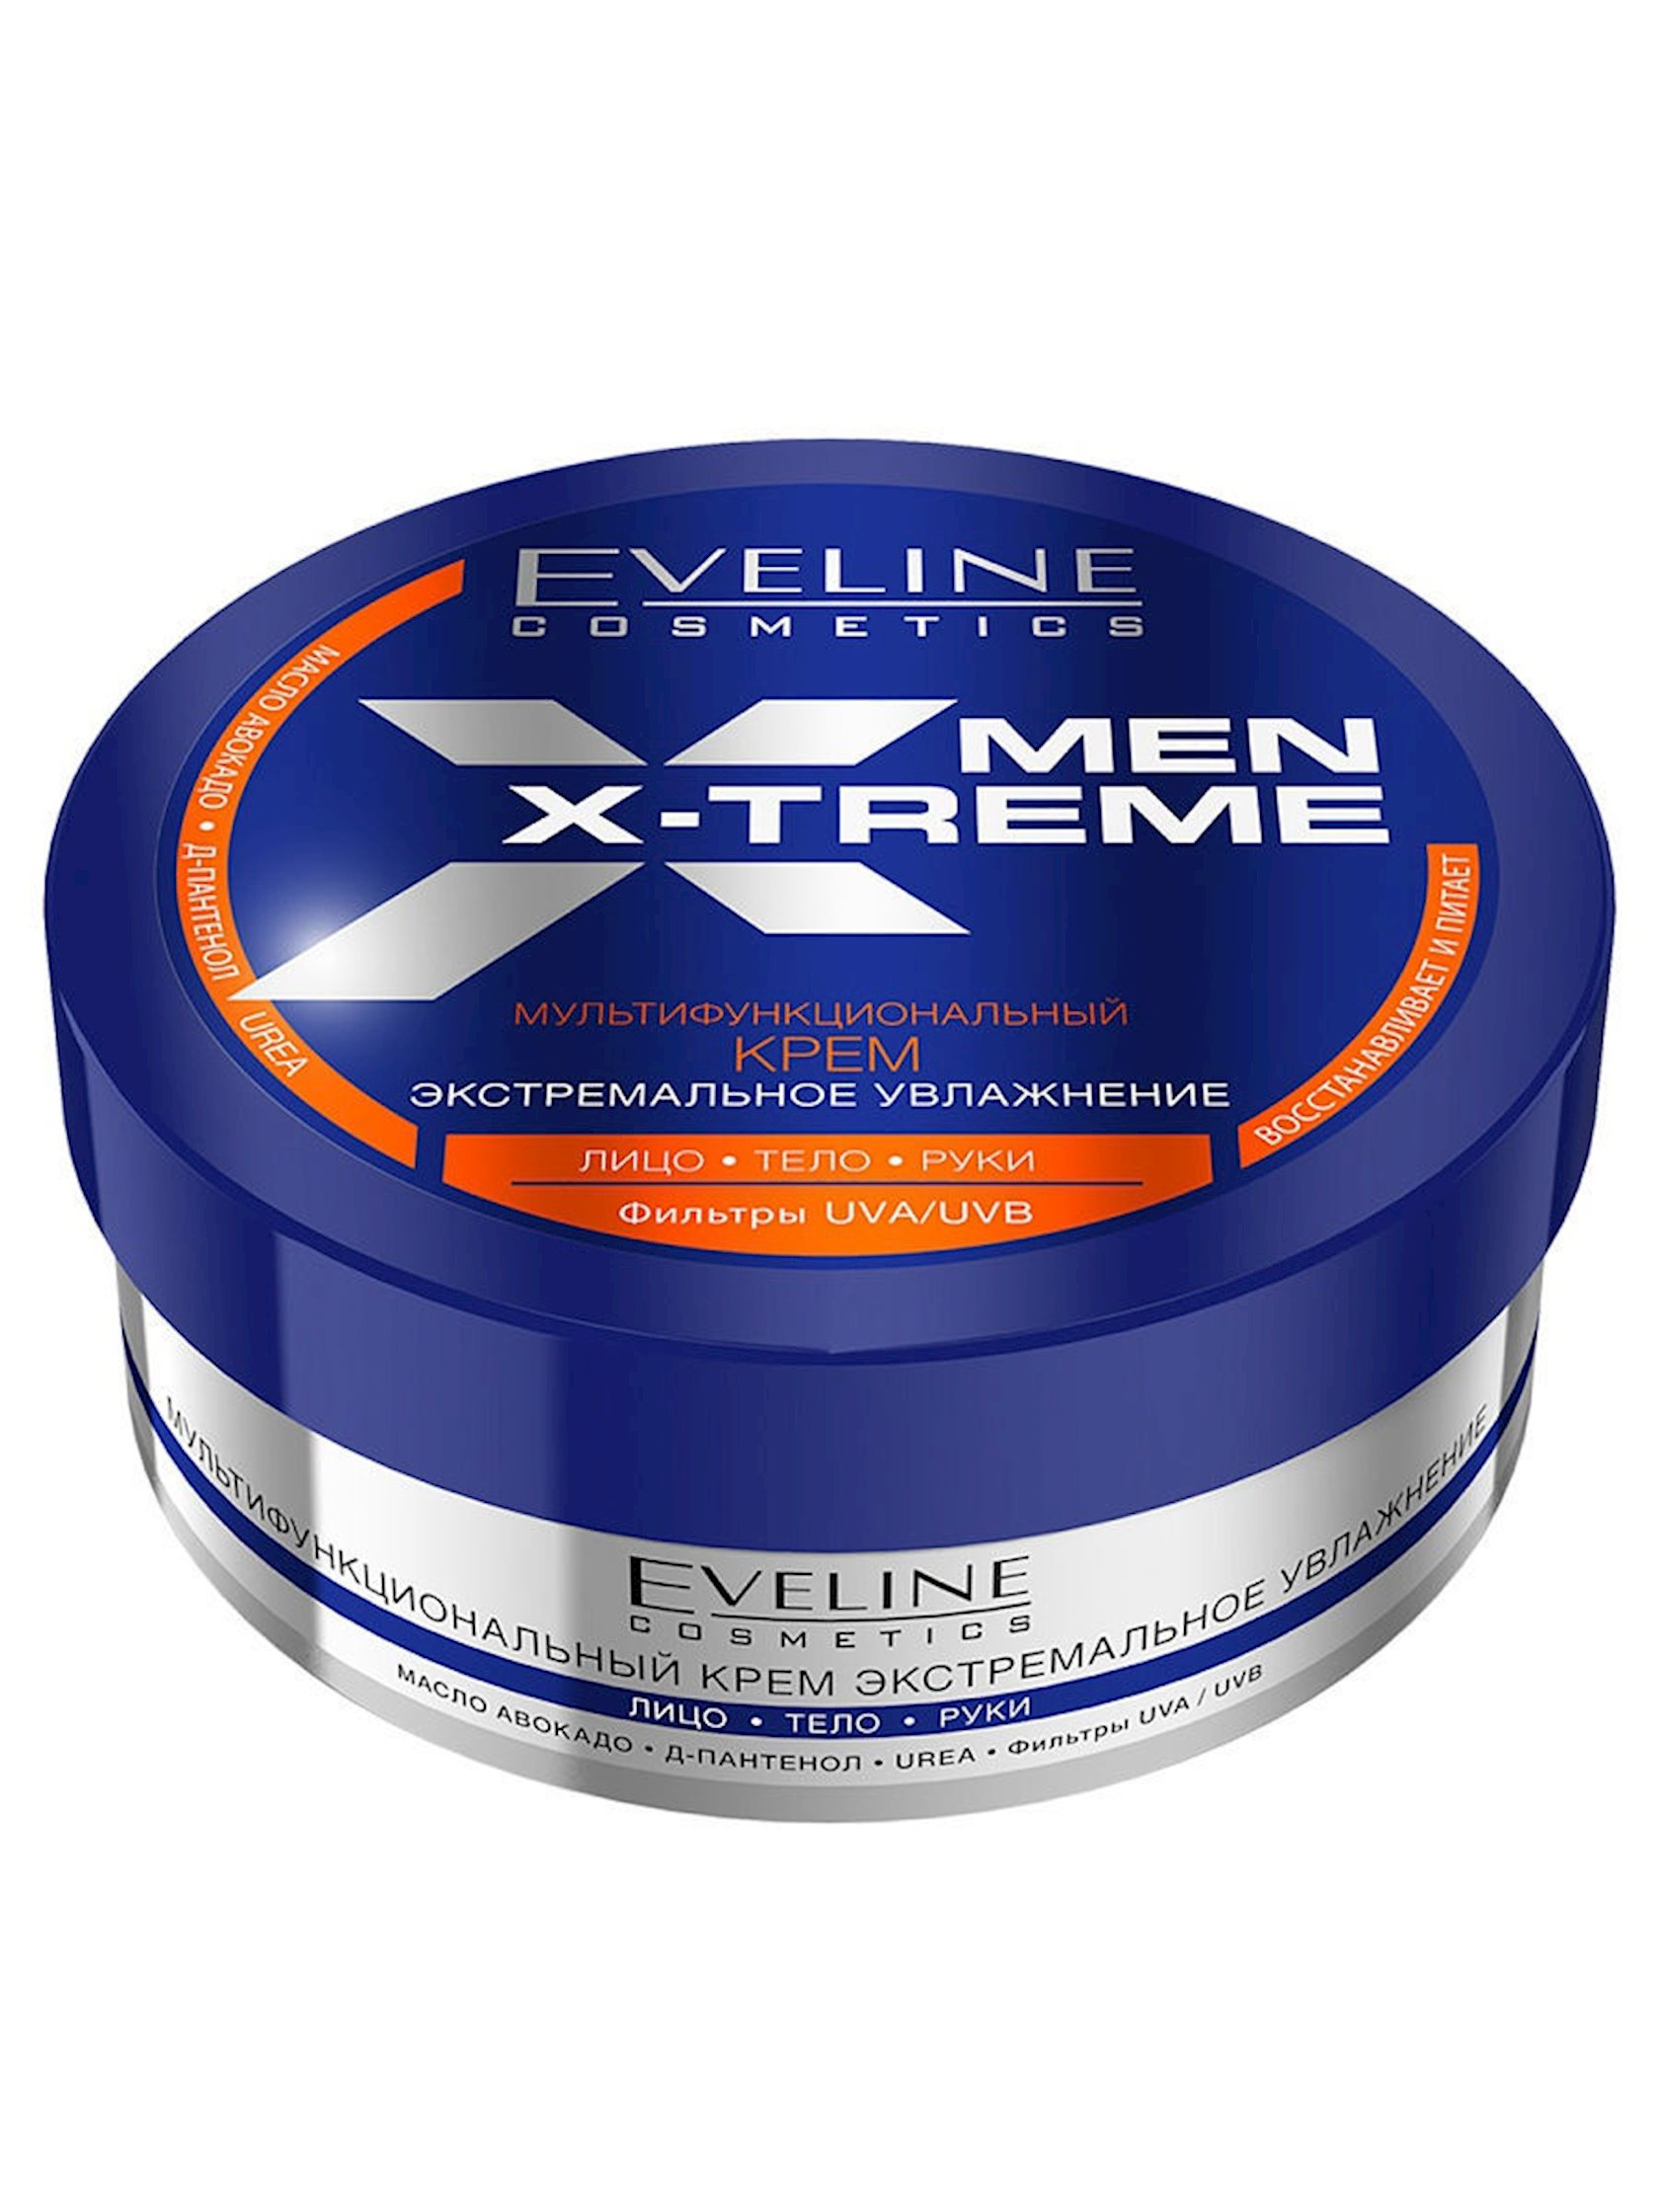 Multifunksional krem Eveline Men X-treme Ekstremal nəmləndirmə 200 ml